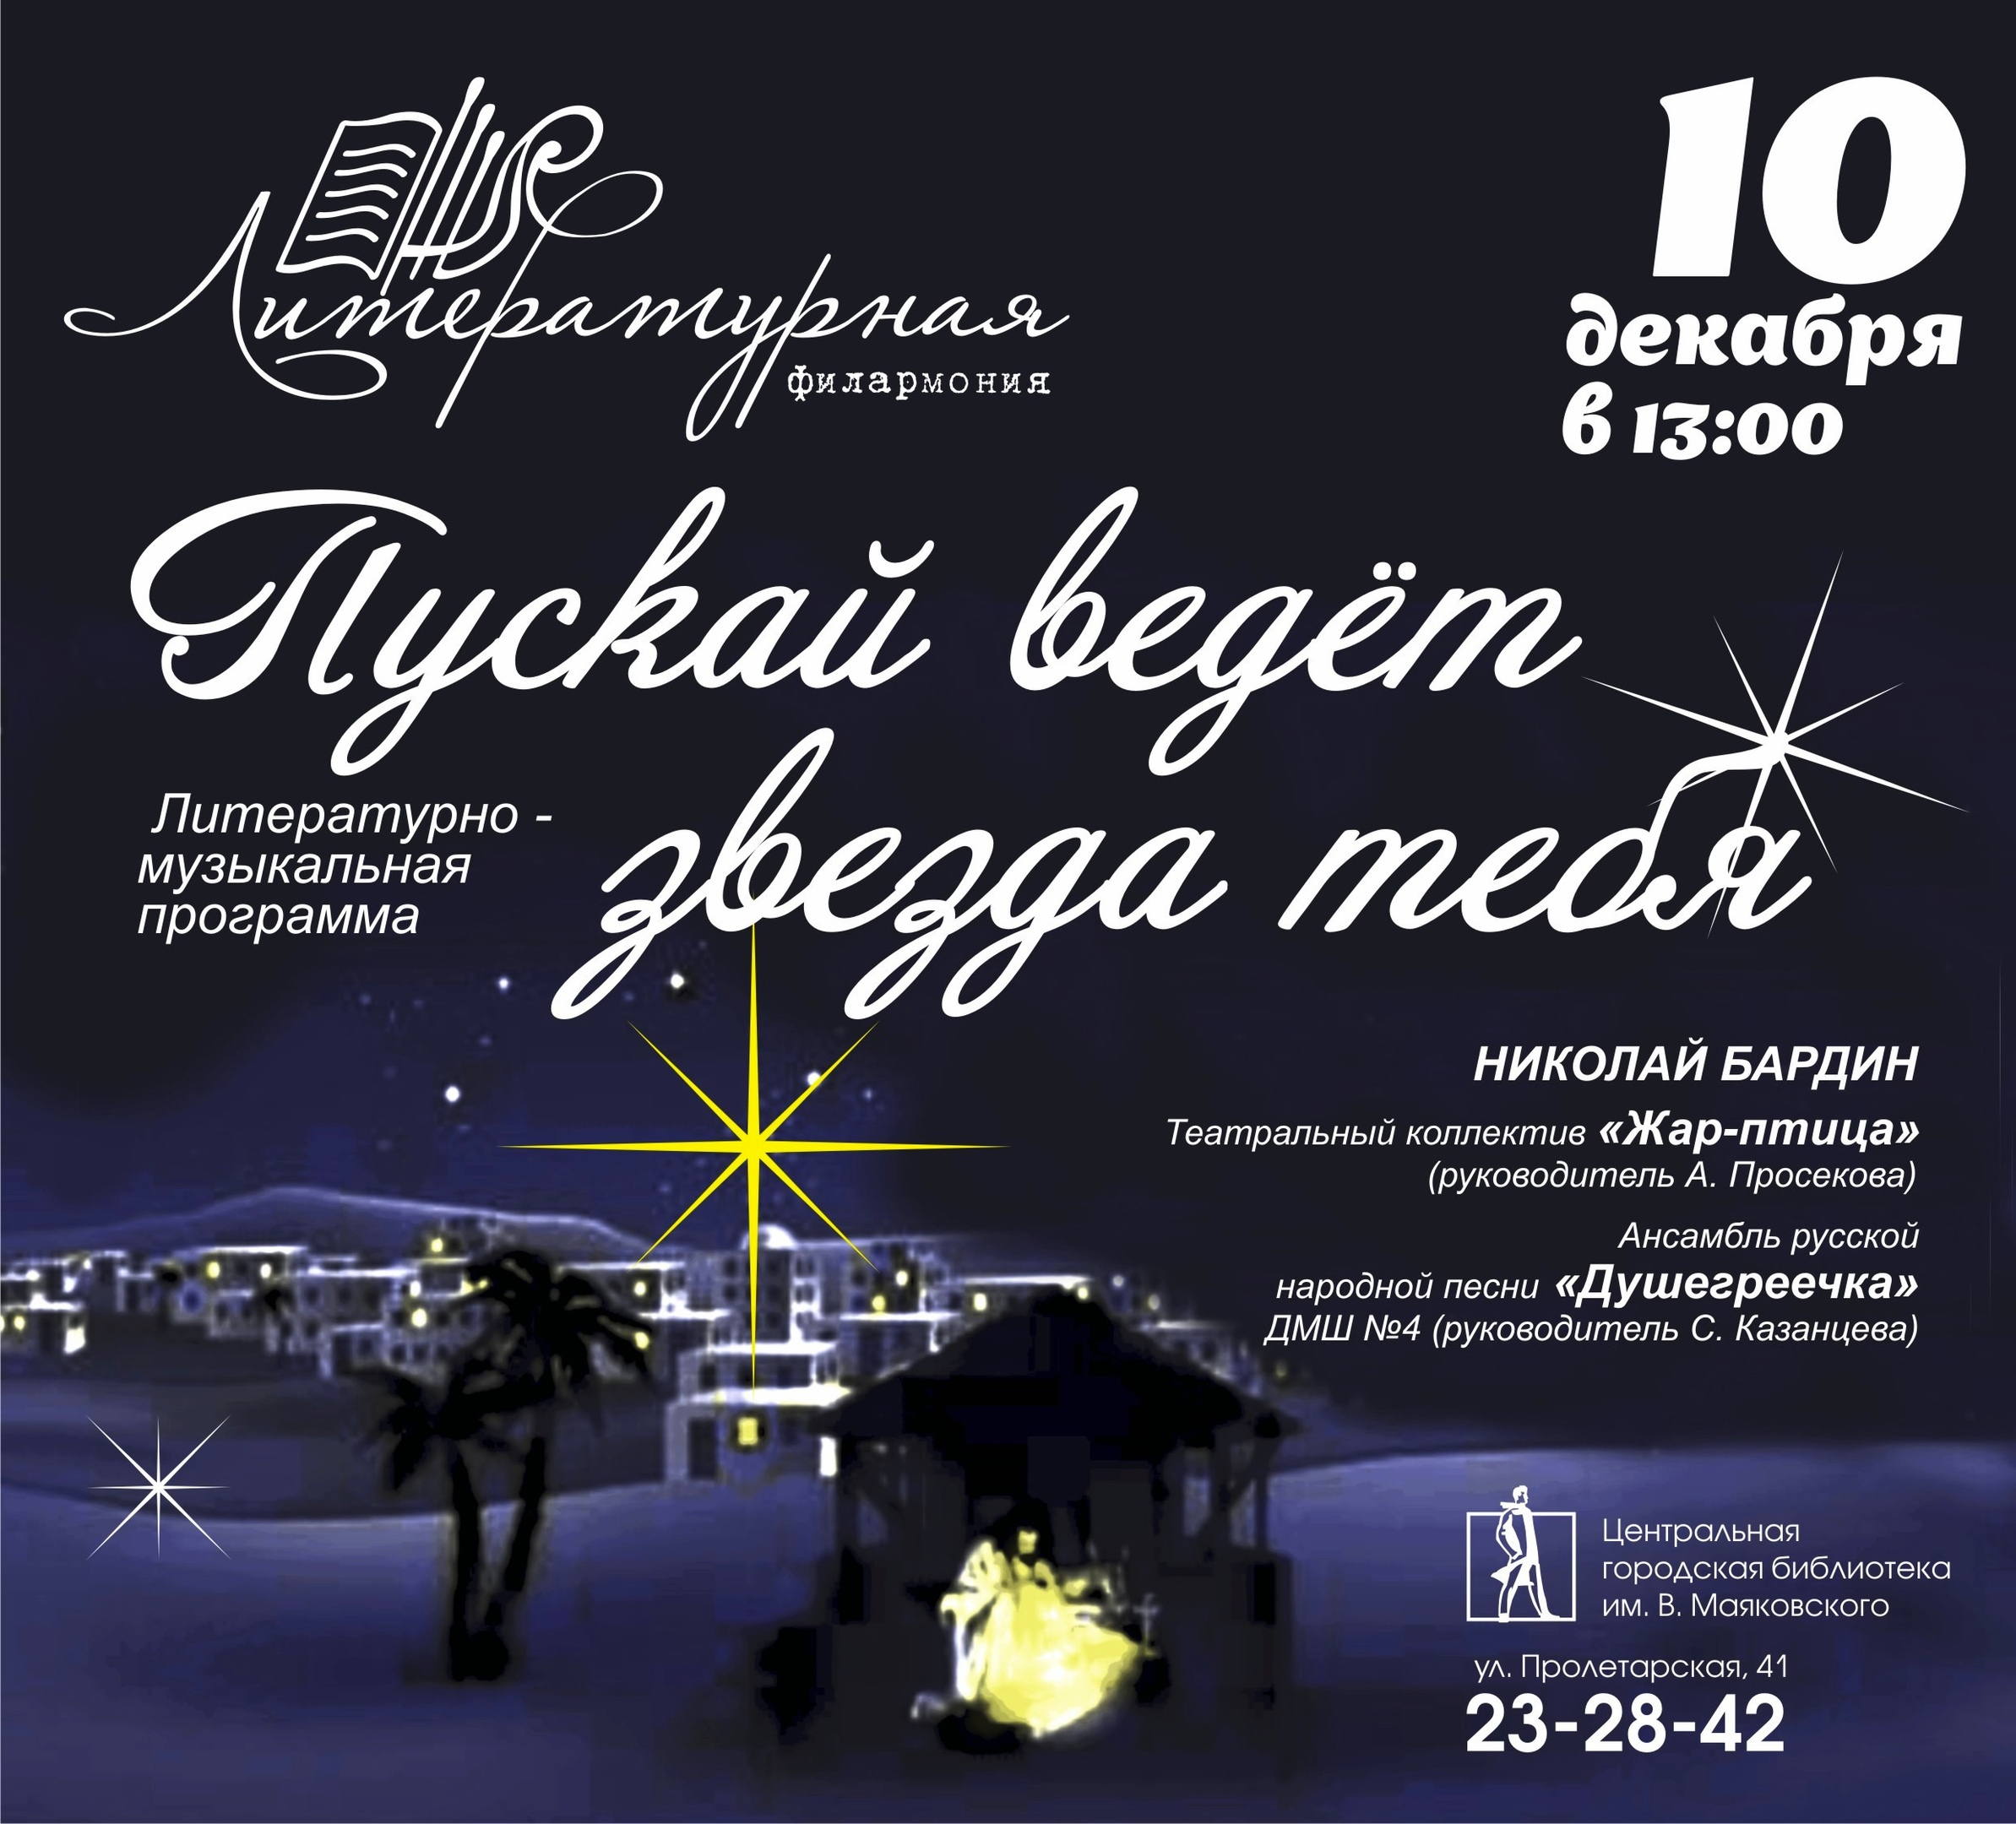 Арт-проект «Литературная филармония» курган афиша расписание